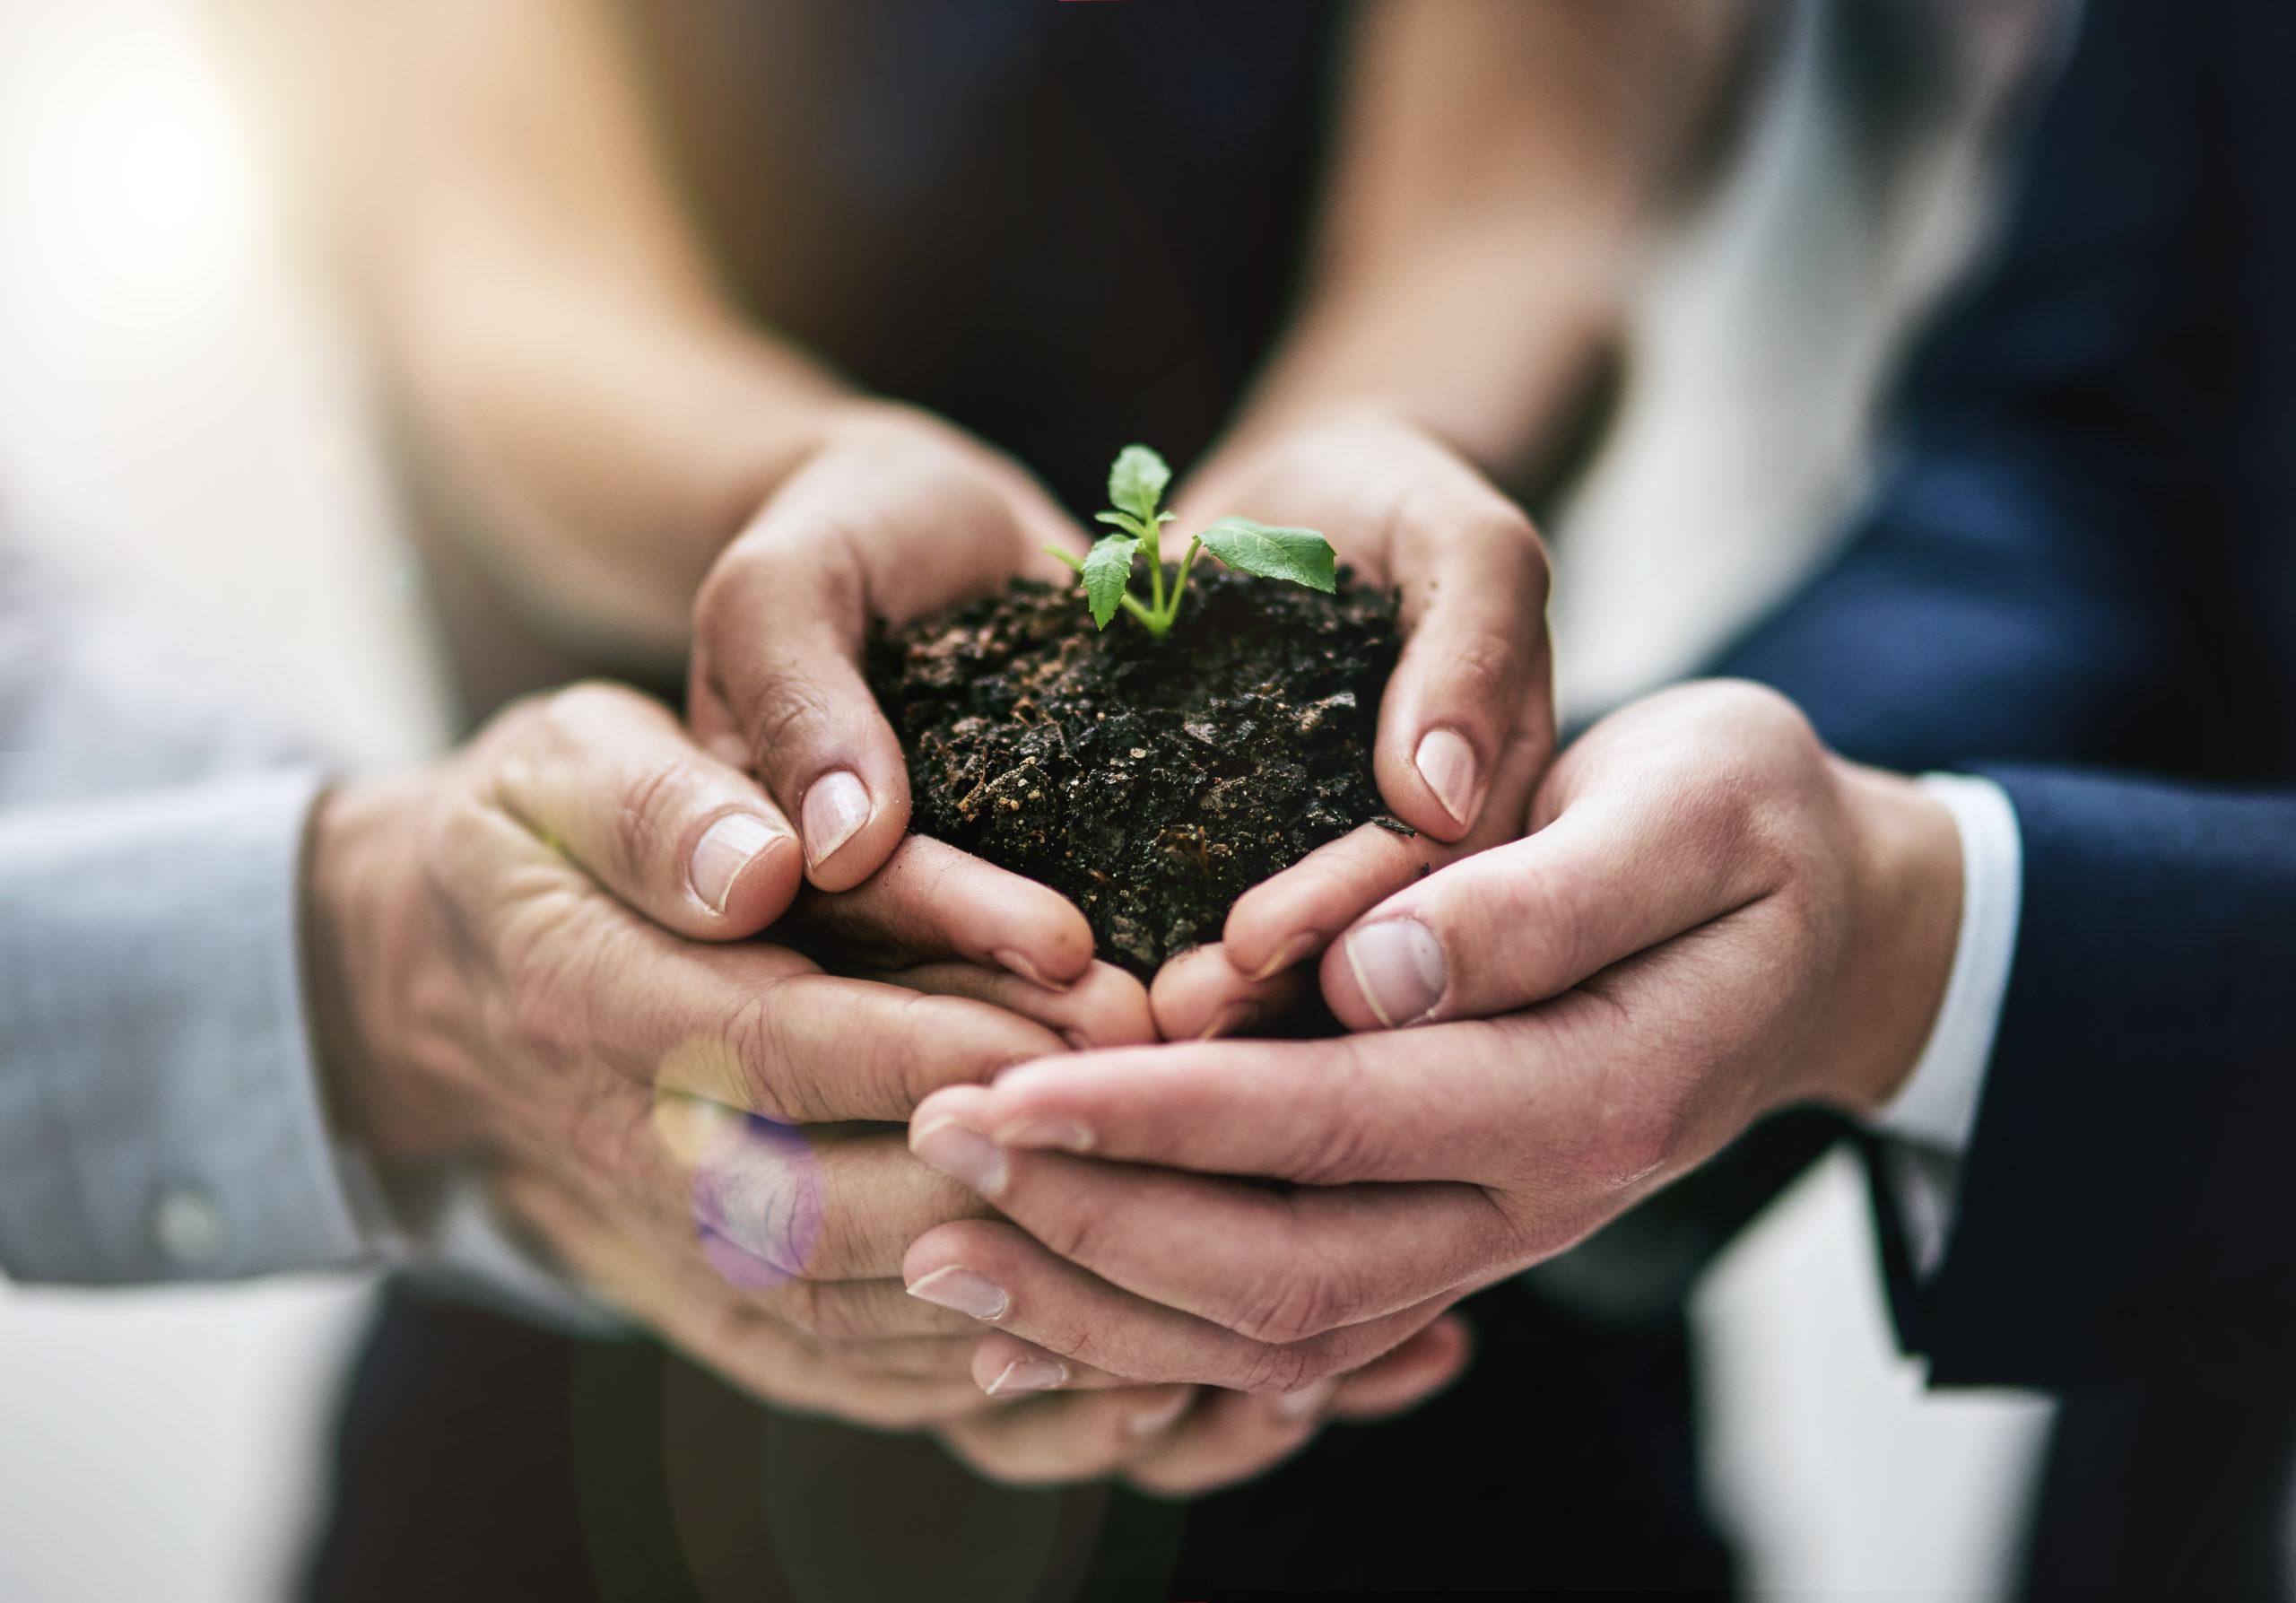 Ausschnitt aus einem Team von Kollegen, die eine aus der Erde wachsende Pflanze halten.